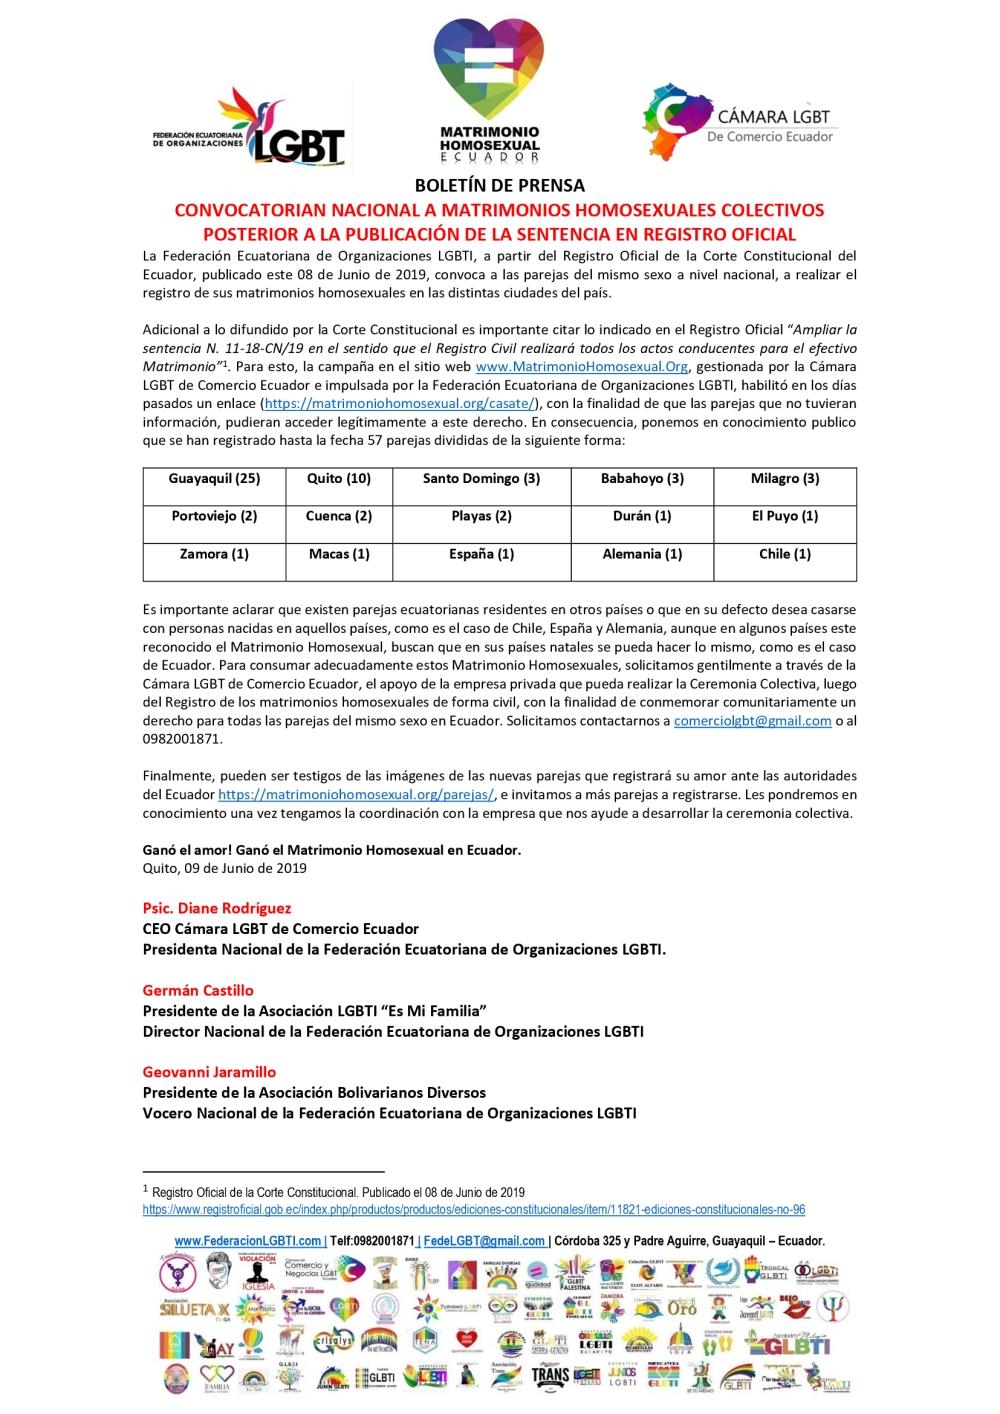 CONVOCATORIAN-NACIONAL-A-MATRIMONIOS-HOMOSEXUALES-COLECTIVOS-POSTERIOR-A-LA-PUBLICACIÓN-DE-LA-SENTEN.jpg